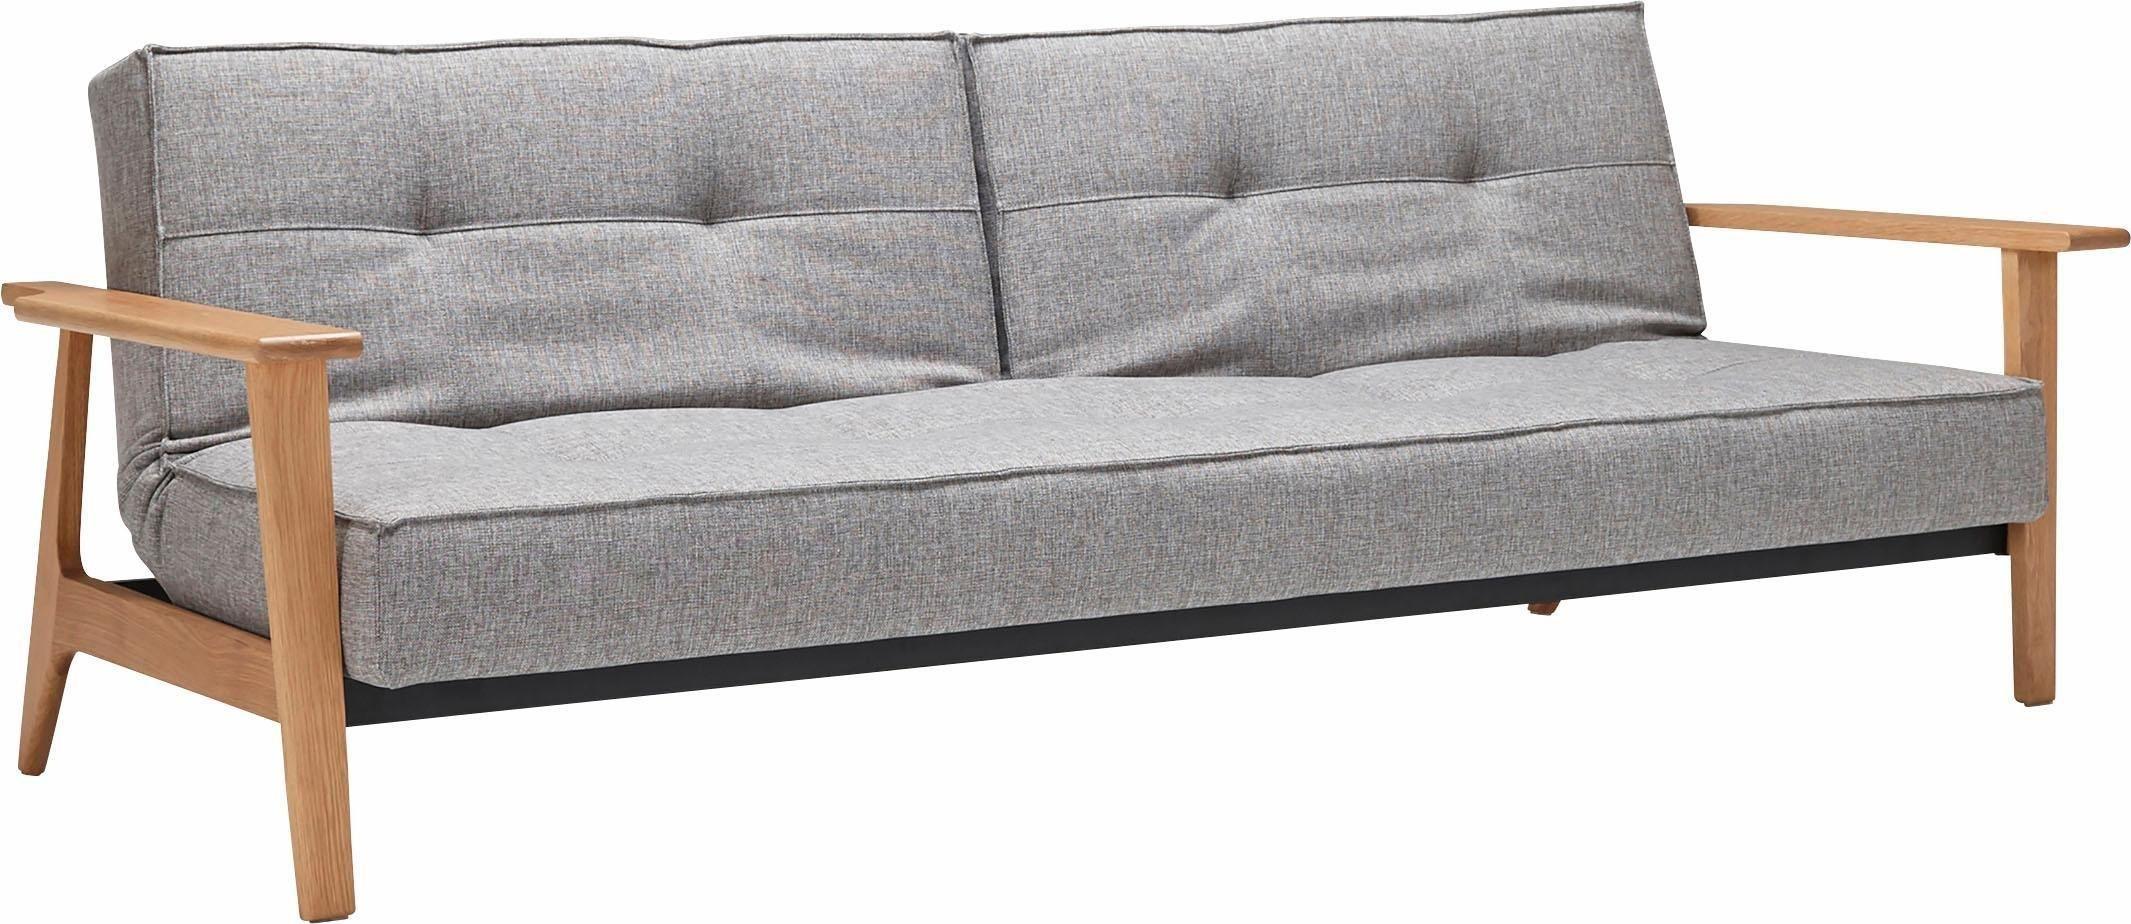 Full Size of Federkern Sofa Selbst Reparieren Durchgesessen Knarrt Gut Oder Schlecht Zu Hart Quietscht Ikea Kosten Vorteile Mit Schlaffunktion Bonell Reparatur Was Ist Das Sofa Federkern Sofa